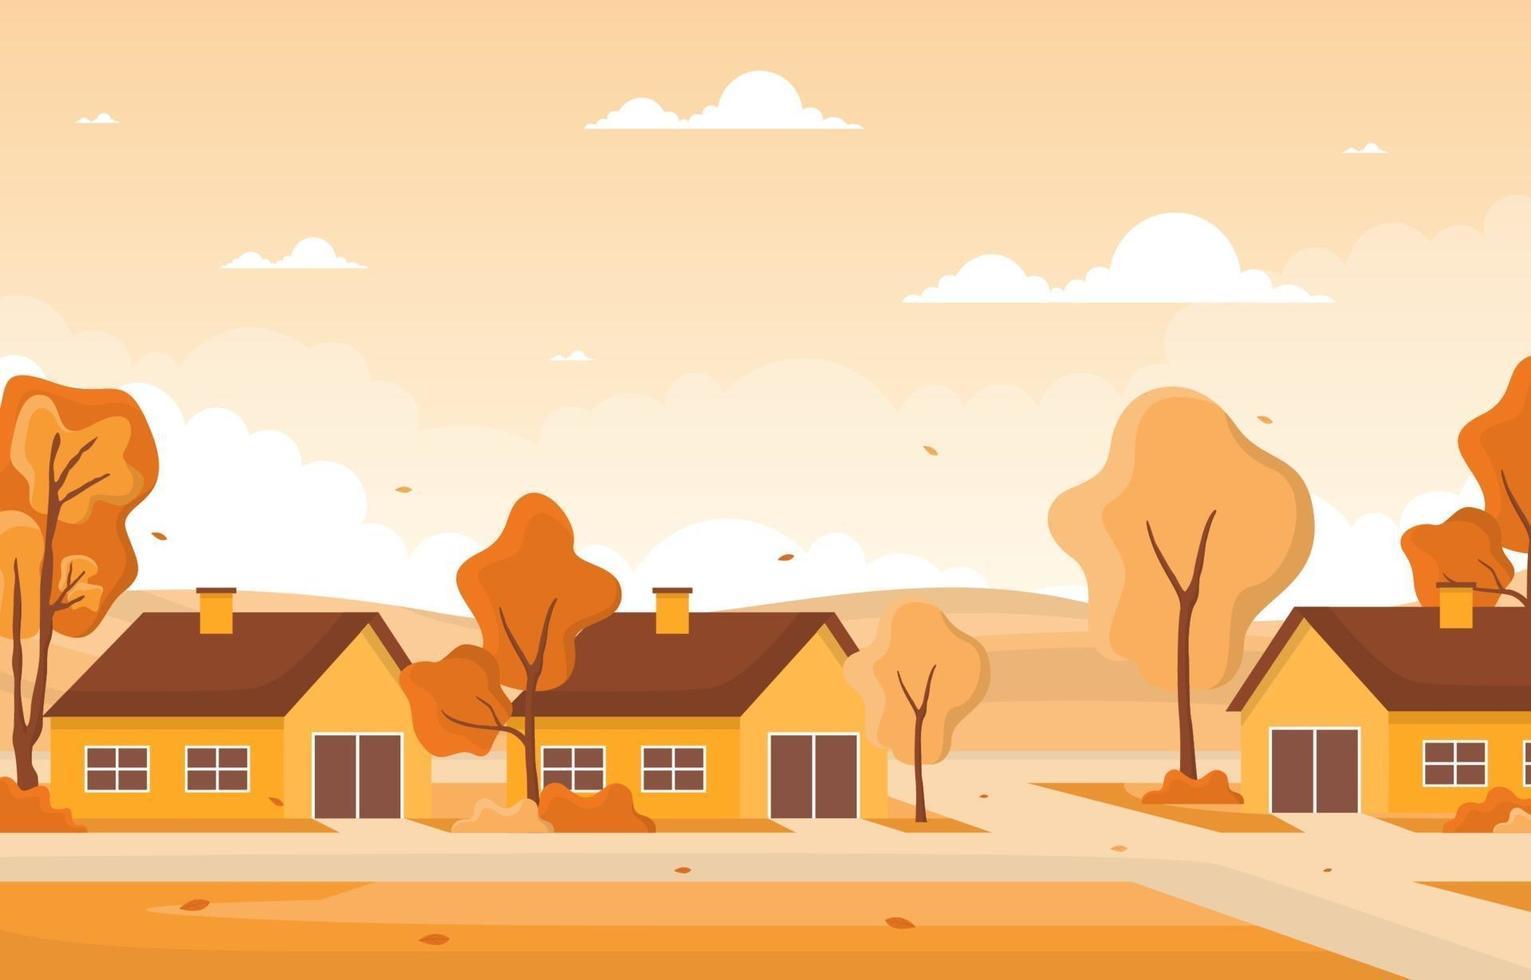 escena de otoño dorado con casas y árboles vector